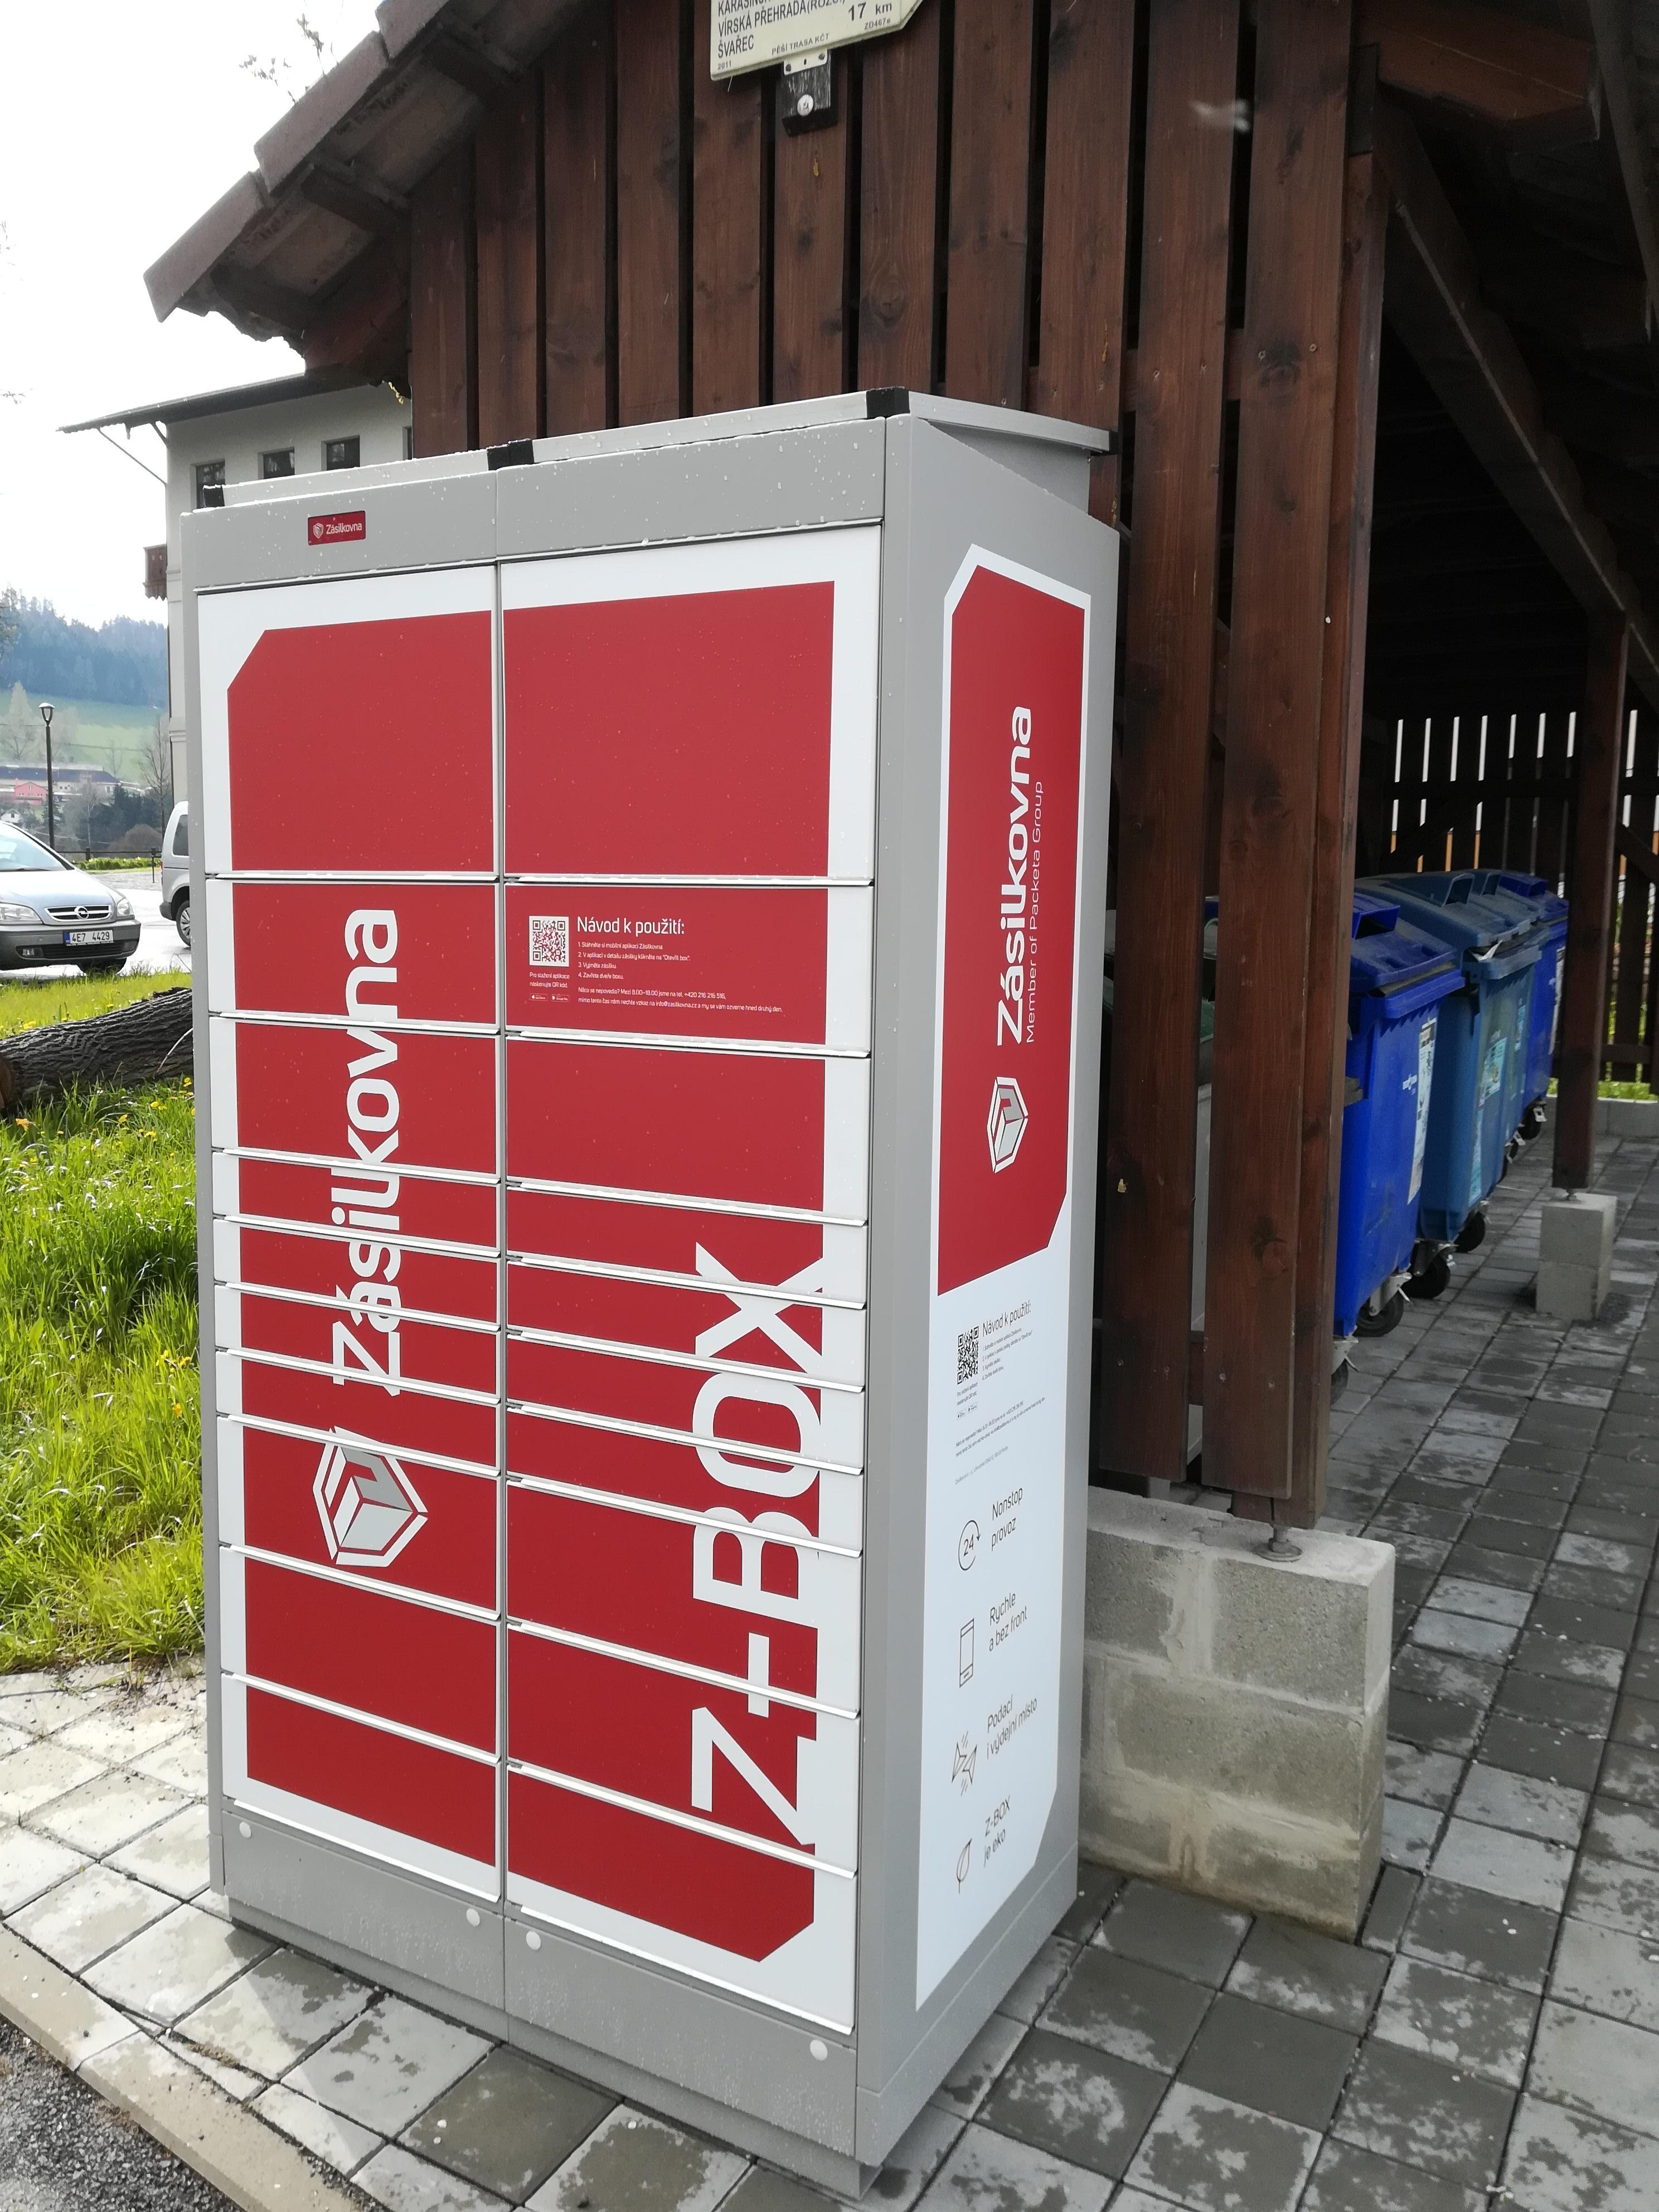 Zásilkovna (Z-BOX) v Dalečíně - umístění u sběrného dvora